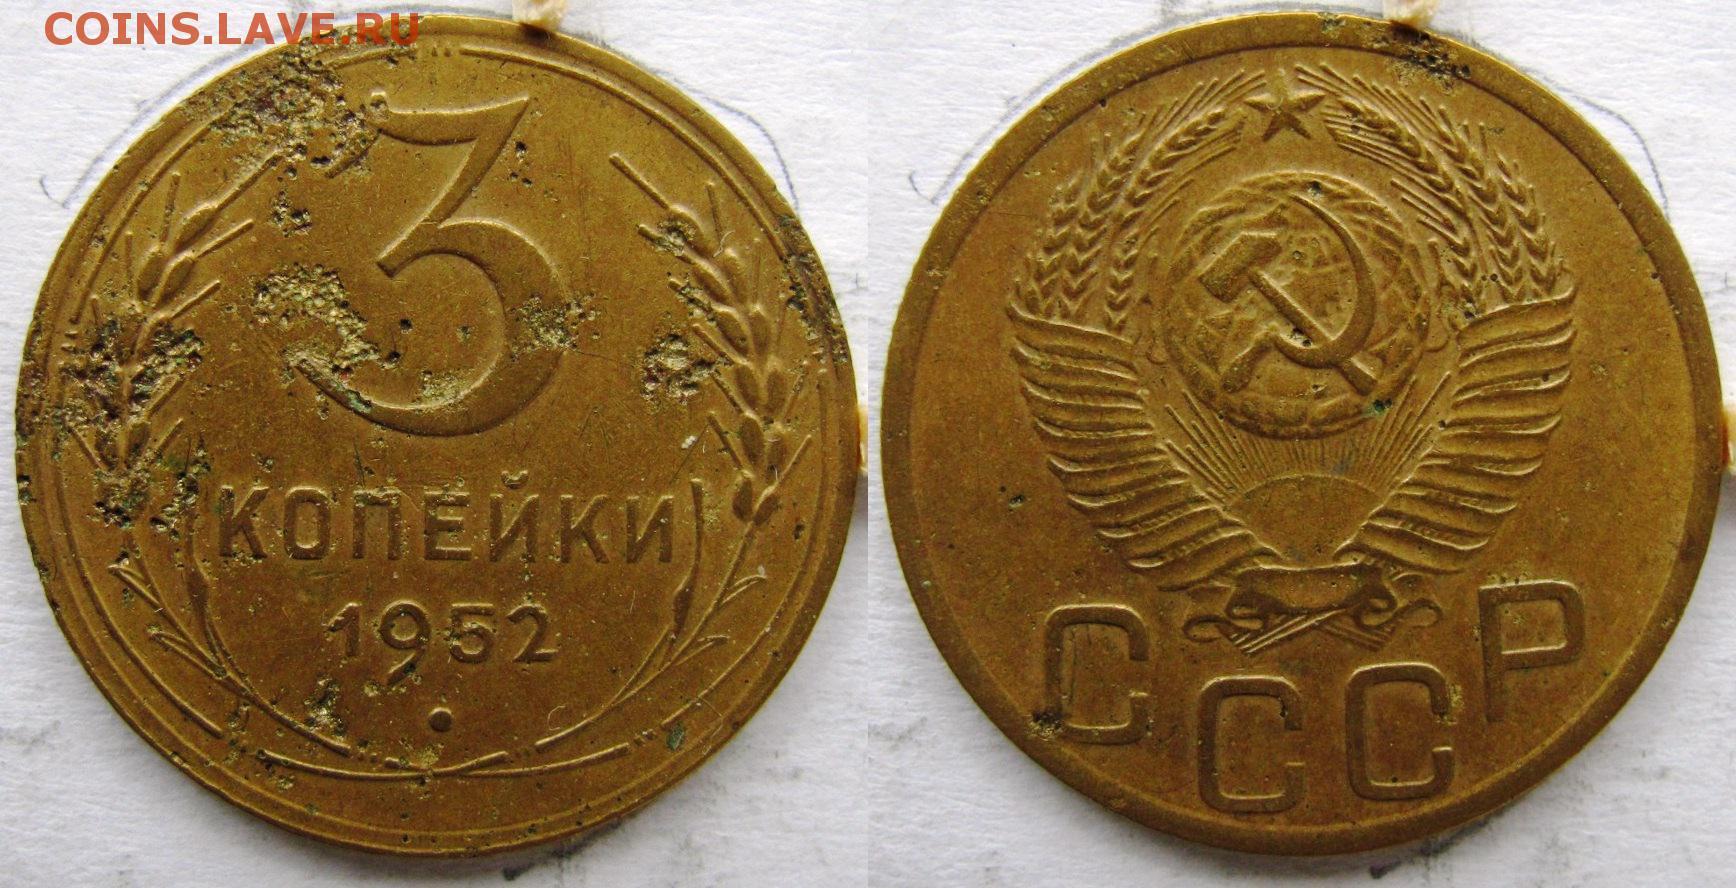 Копейка 1952 года цена пемолюкс сода состав